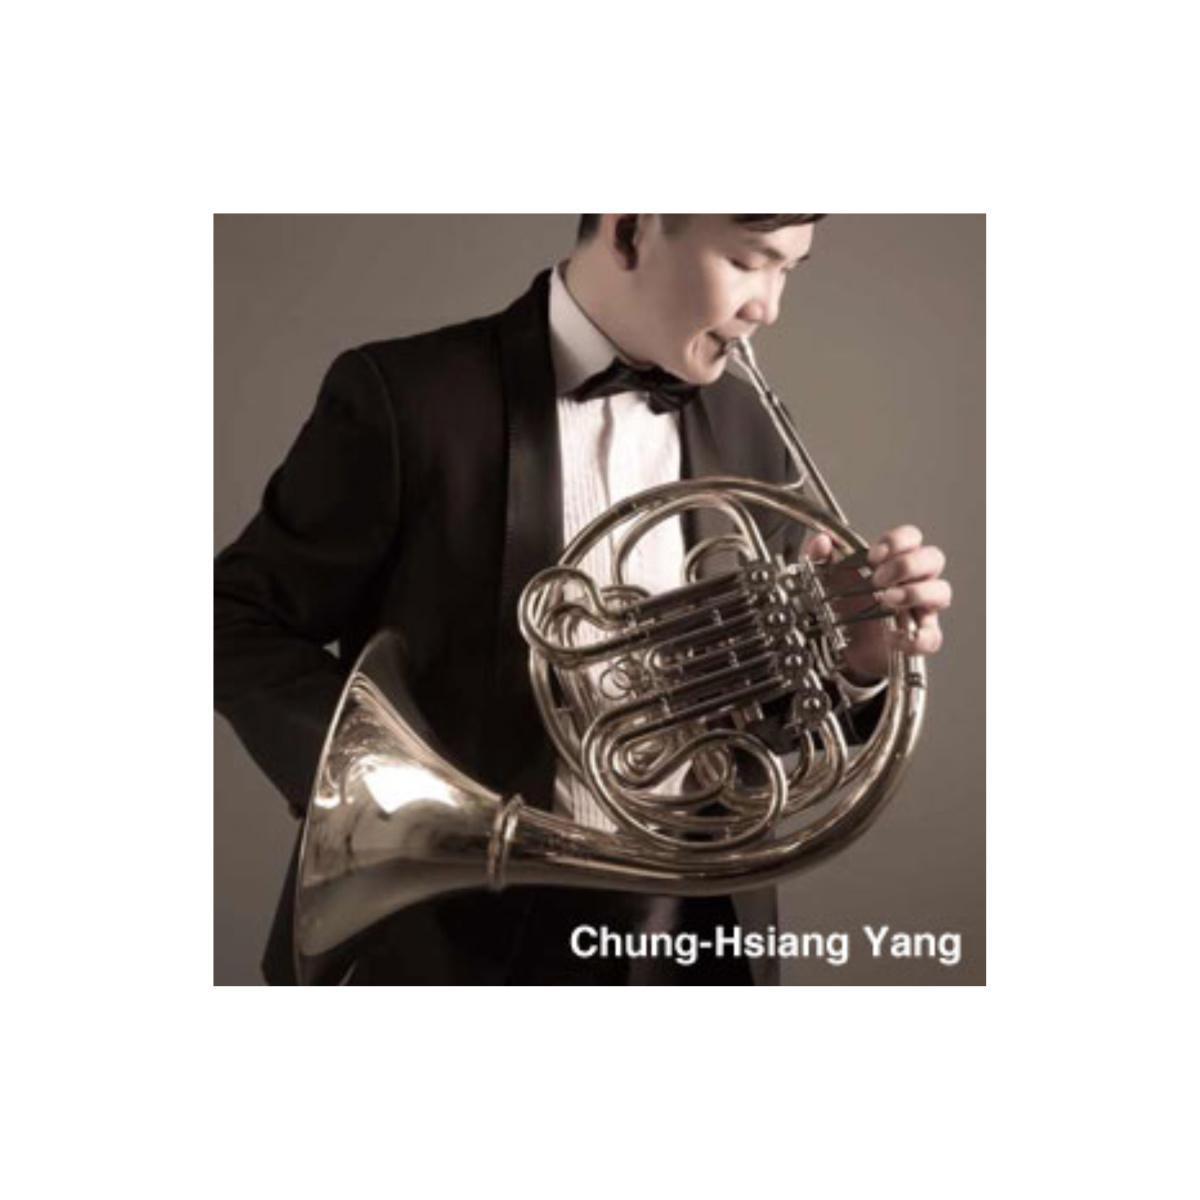 Chung-Hsiang Yang